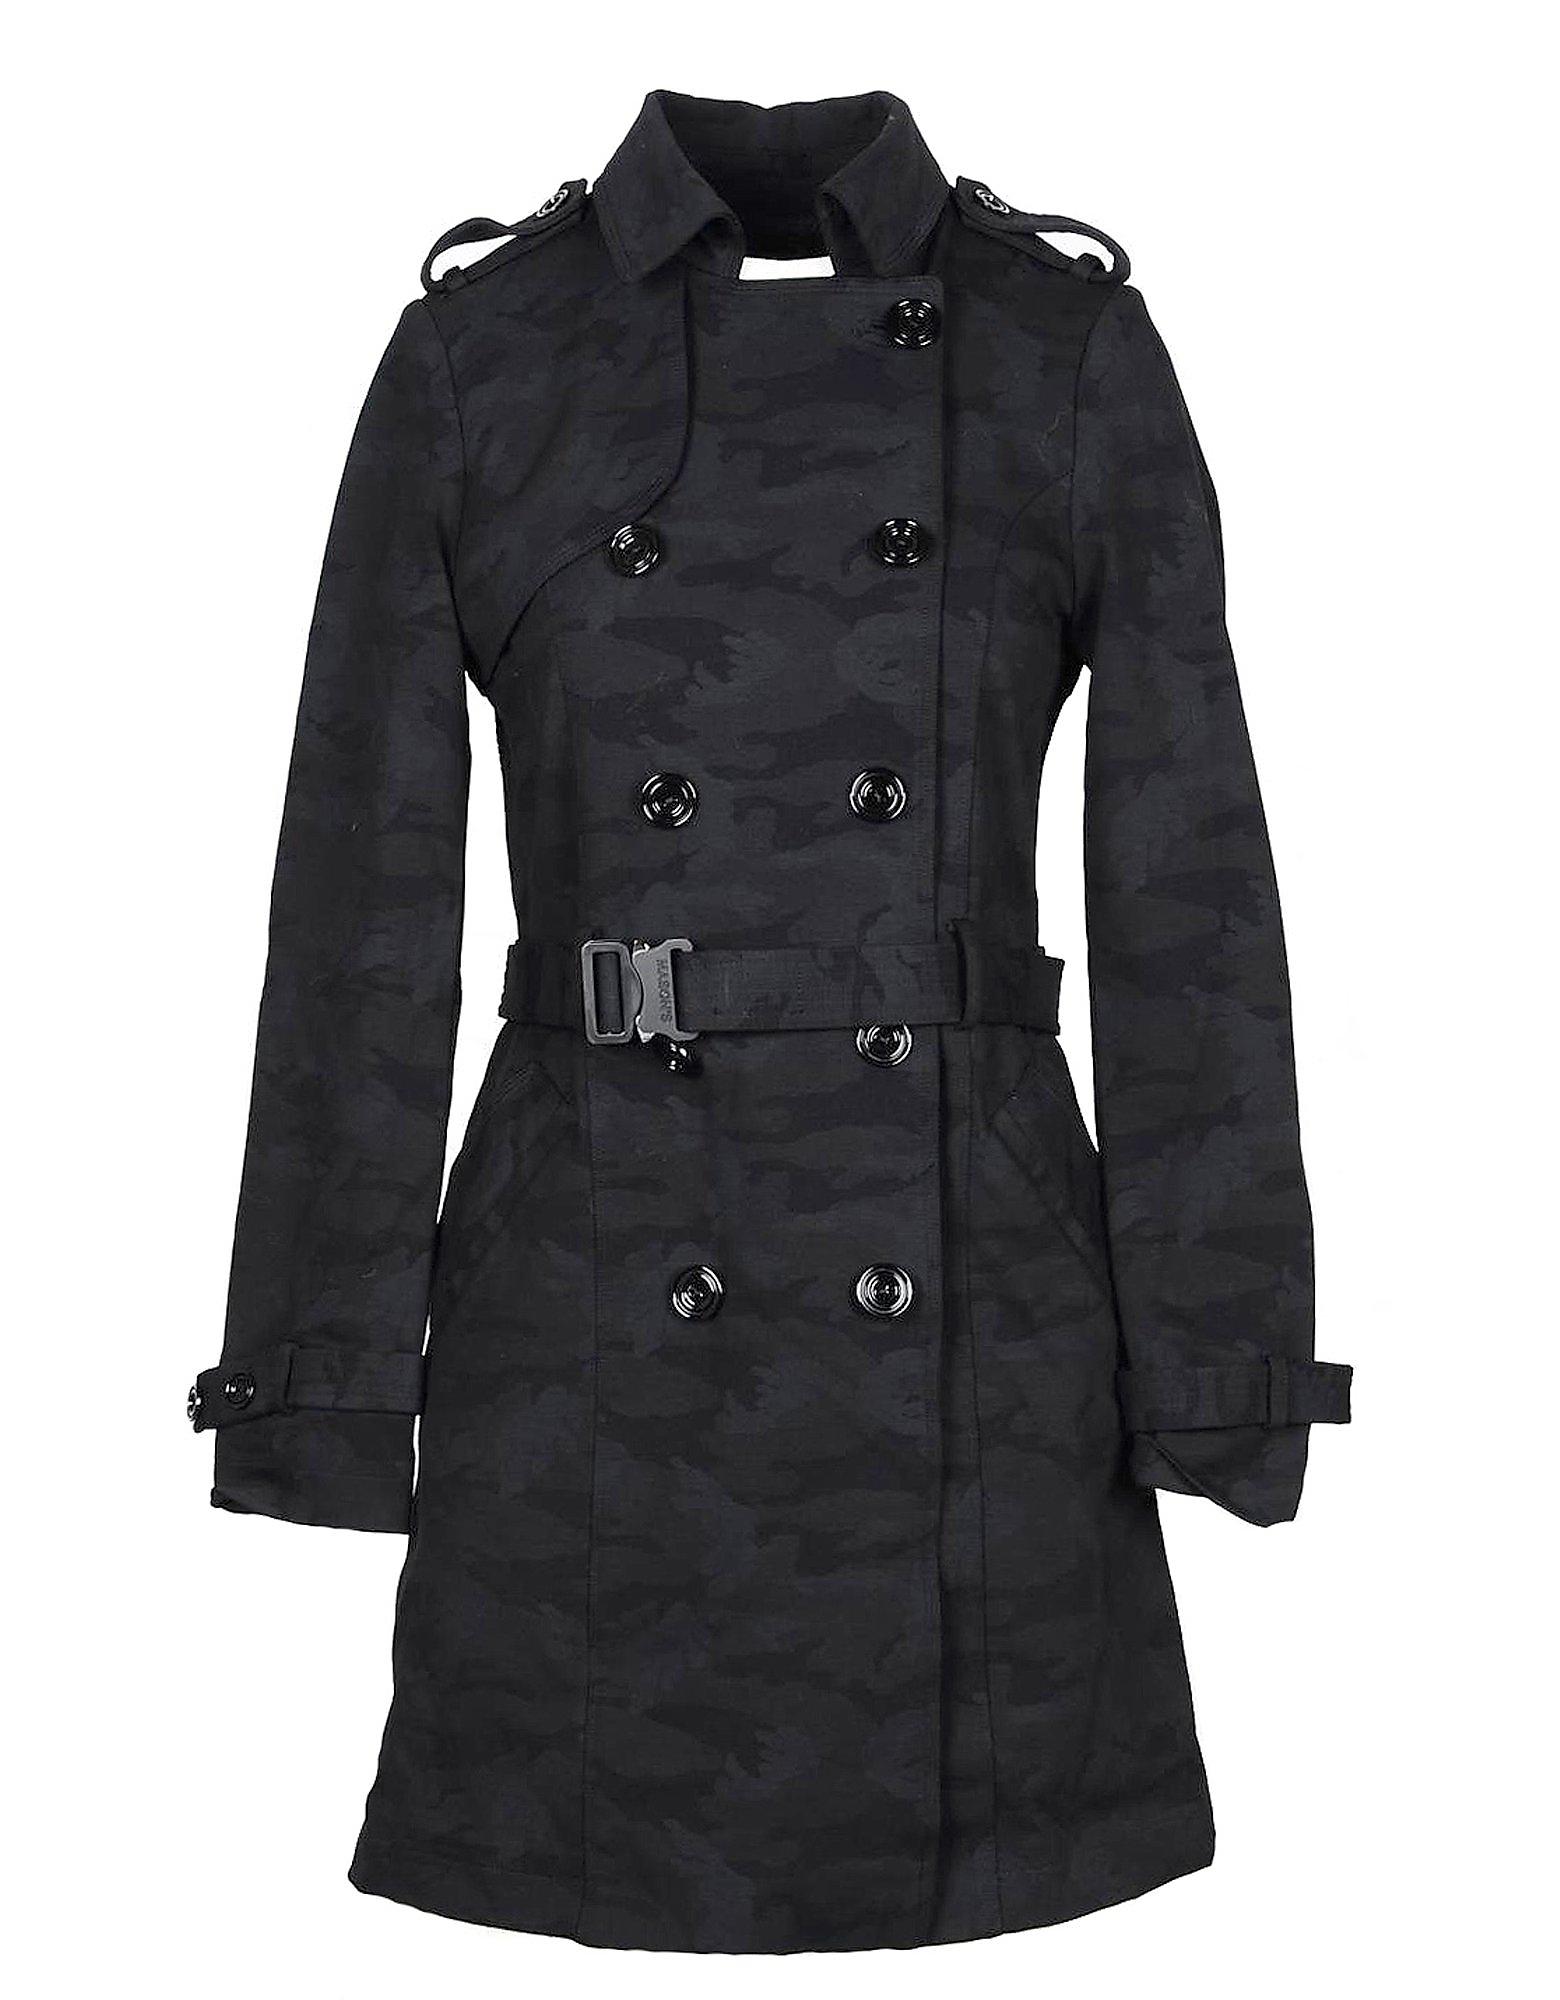 Mason's 外套 & 皮草, Black Wool Blend Trench Coat